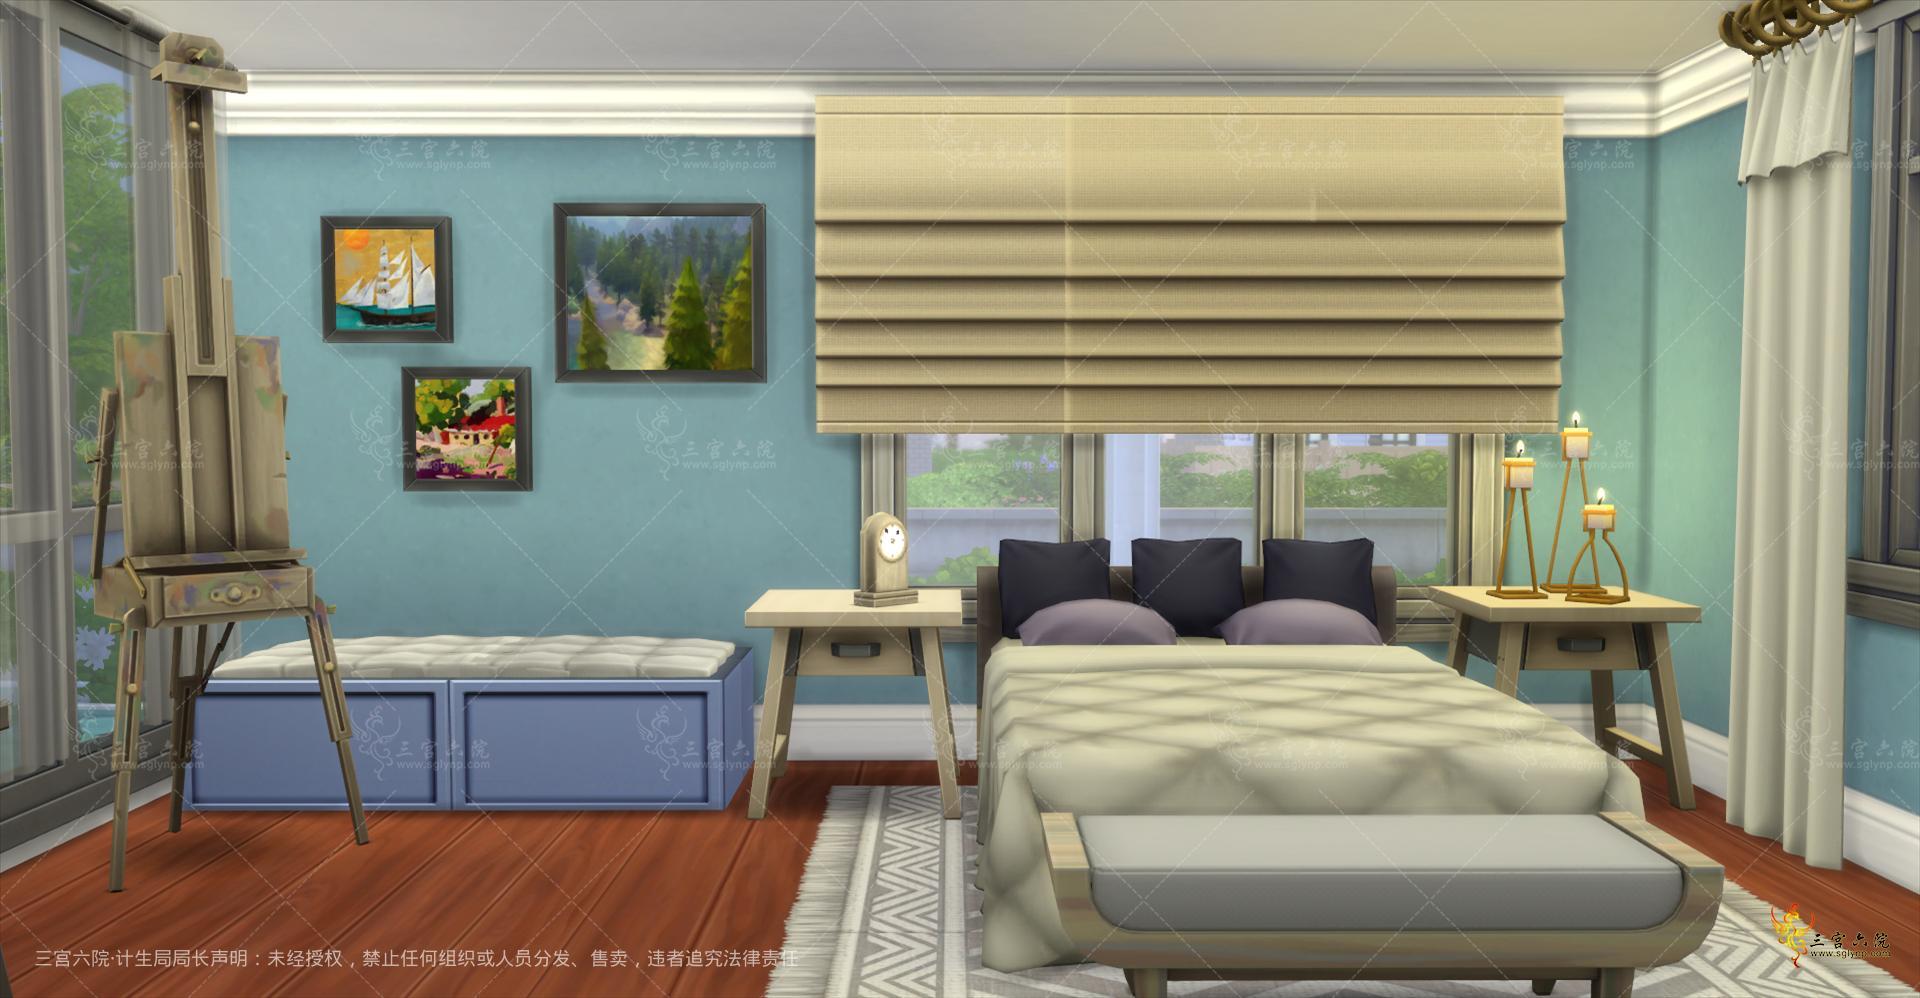 Sims 4 Screenshot 2021.08.19 - 10.36.49.55.png